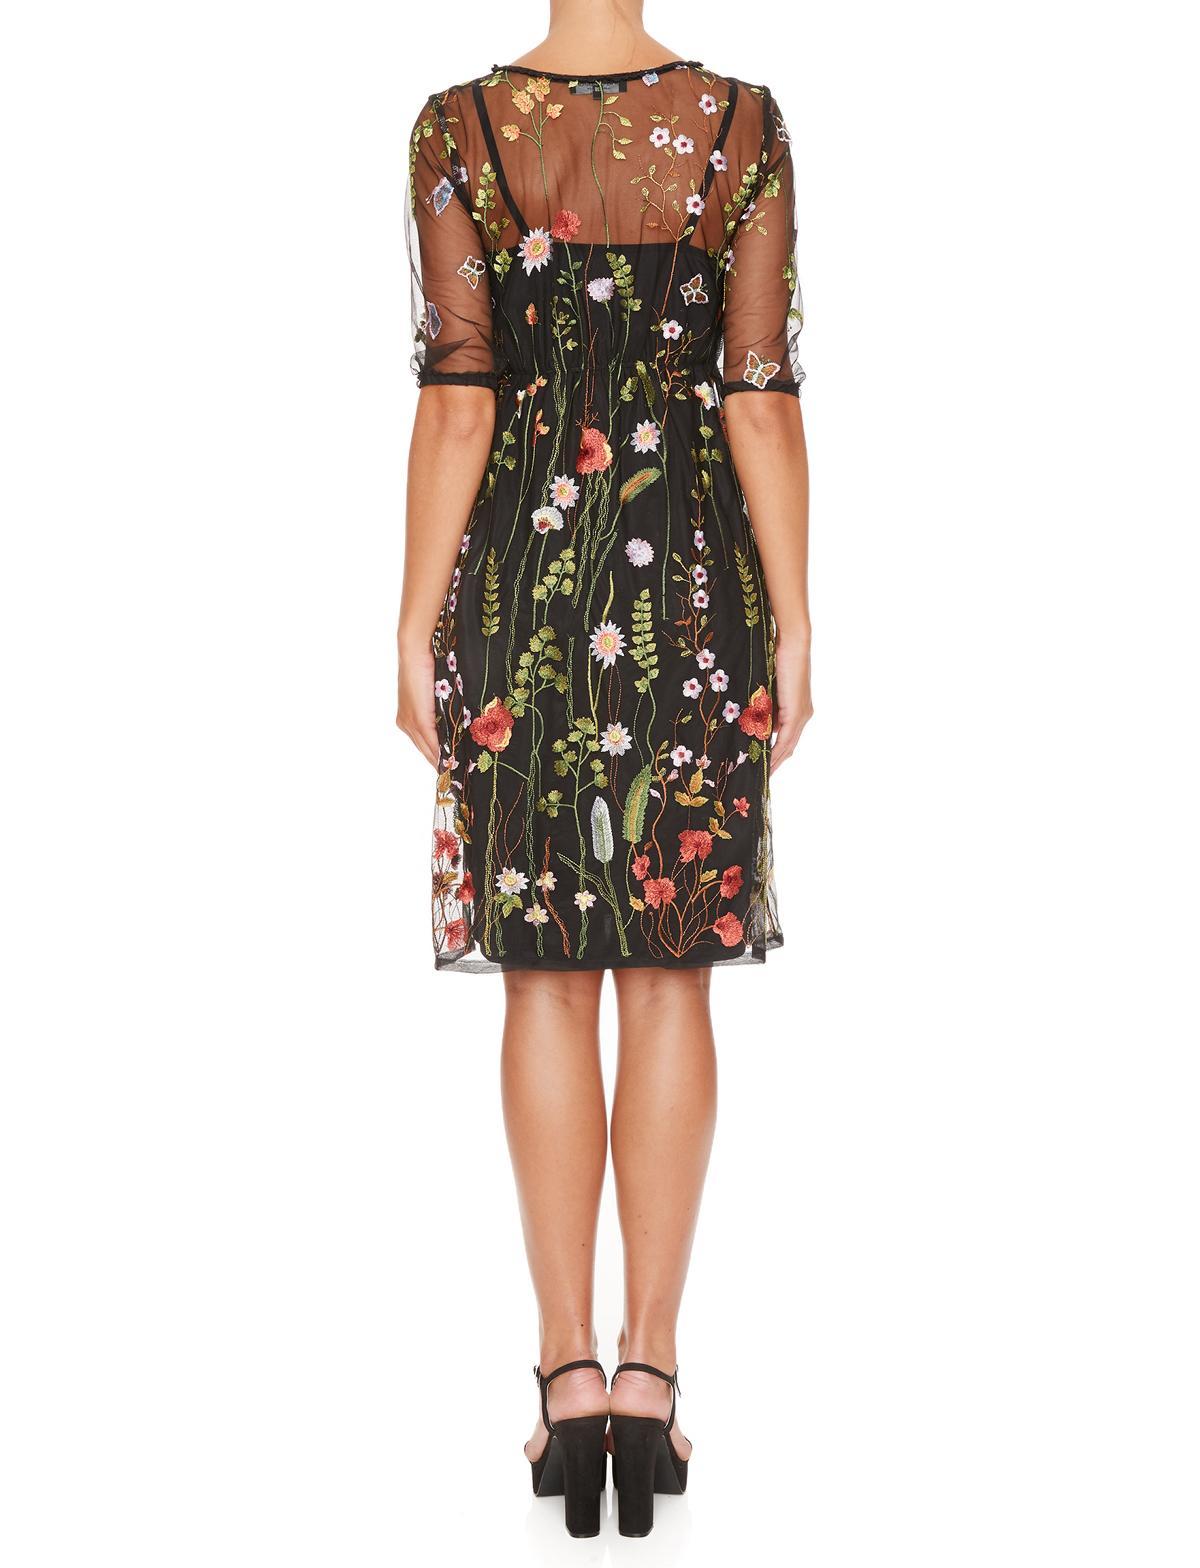 Rückansicht von Ana Alcazar Limited Edition Tüllkleid Mabel  angezogen an Model